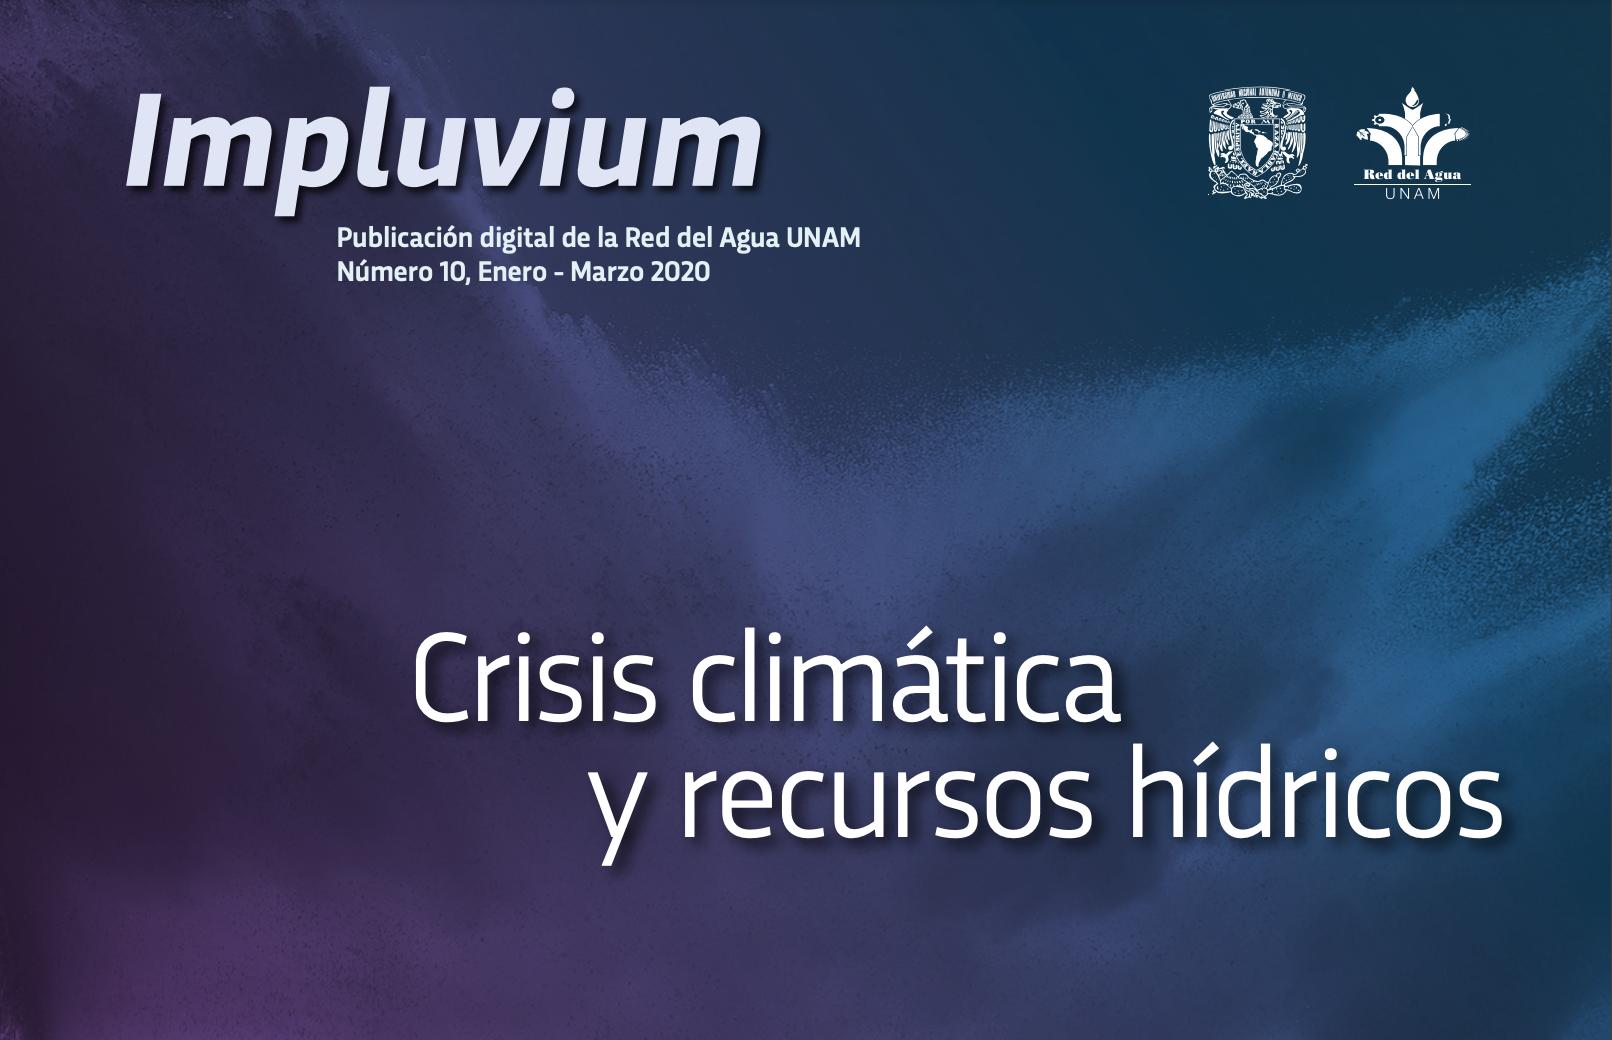 Impluvium- Crisis climática y recursos hídricos